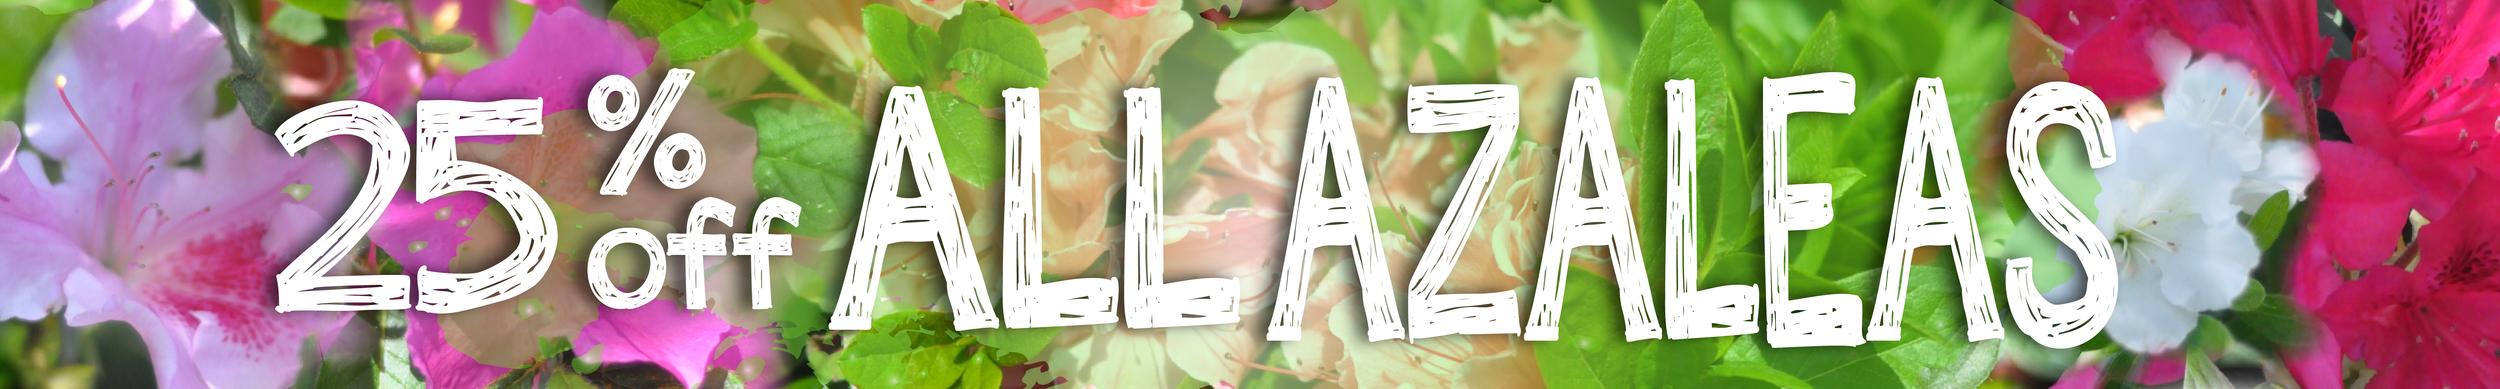 azalea sale-01-01.png